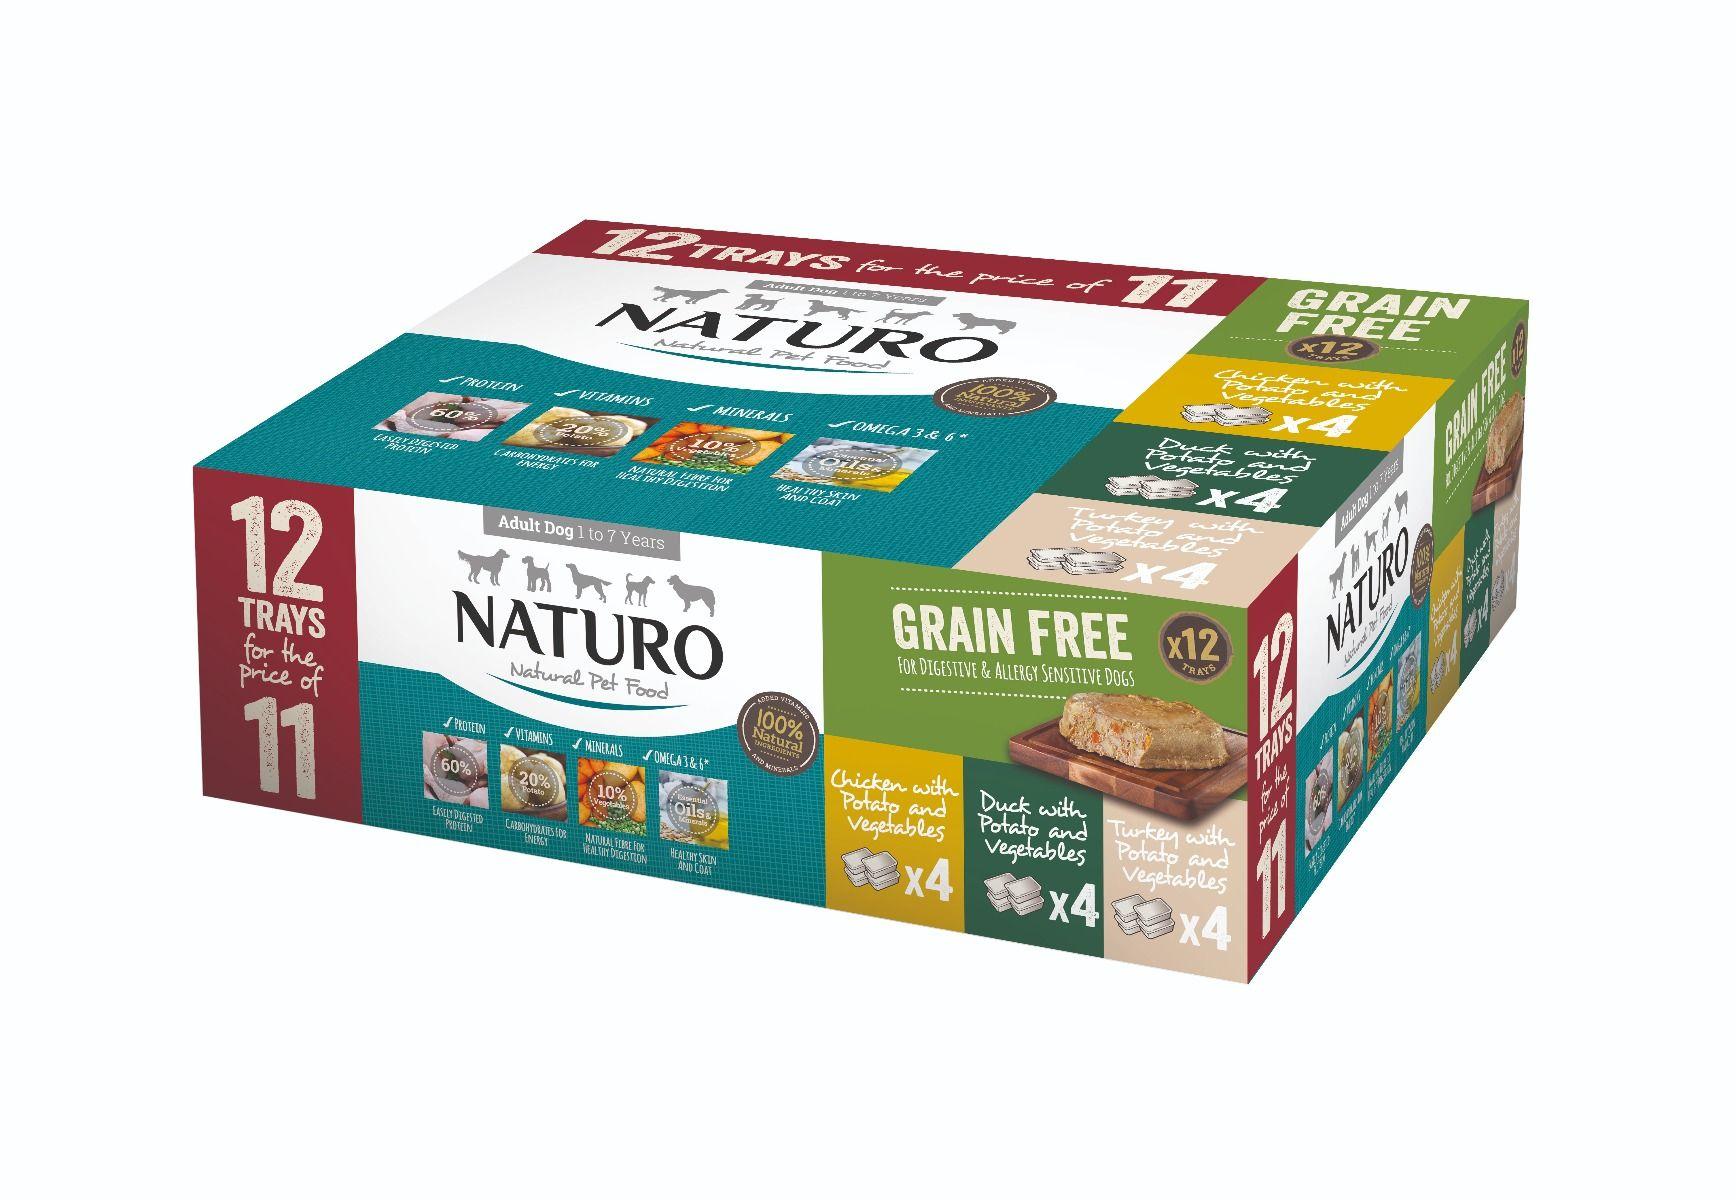 Naturo Adult Dog Grain Free pack Variety Trays, 400-gram, 12-pack